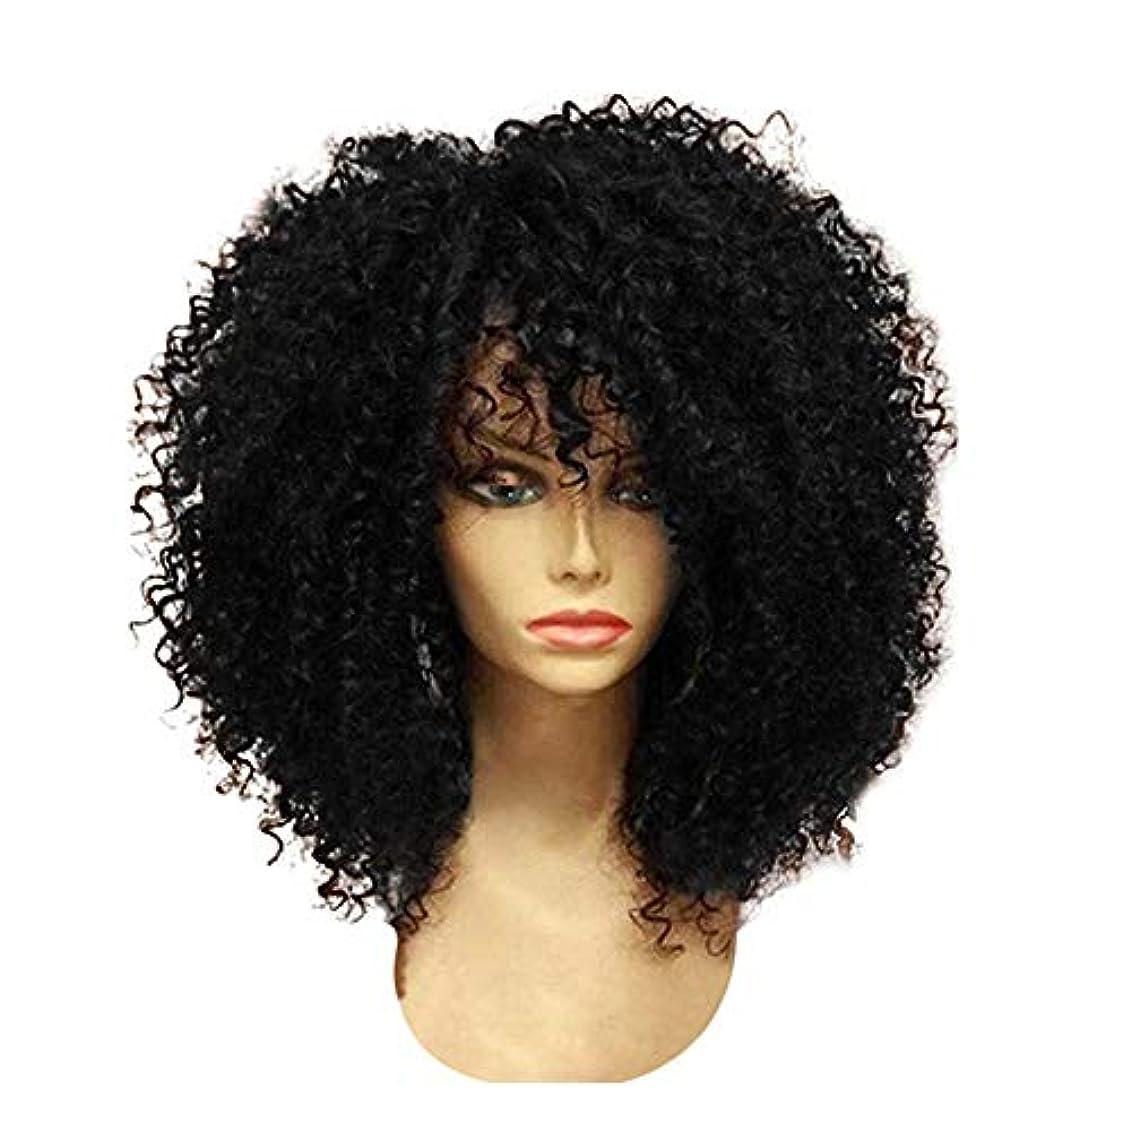 油開梱モネYOUQIU 前髪ウィッグ合成ブラックとブラウンかつらと女性ショートのクイック織り合成カーリーウィッグ (色 : 黒, サイズ : 15.7